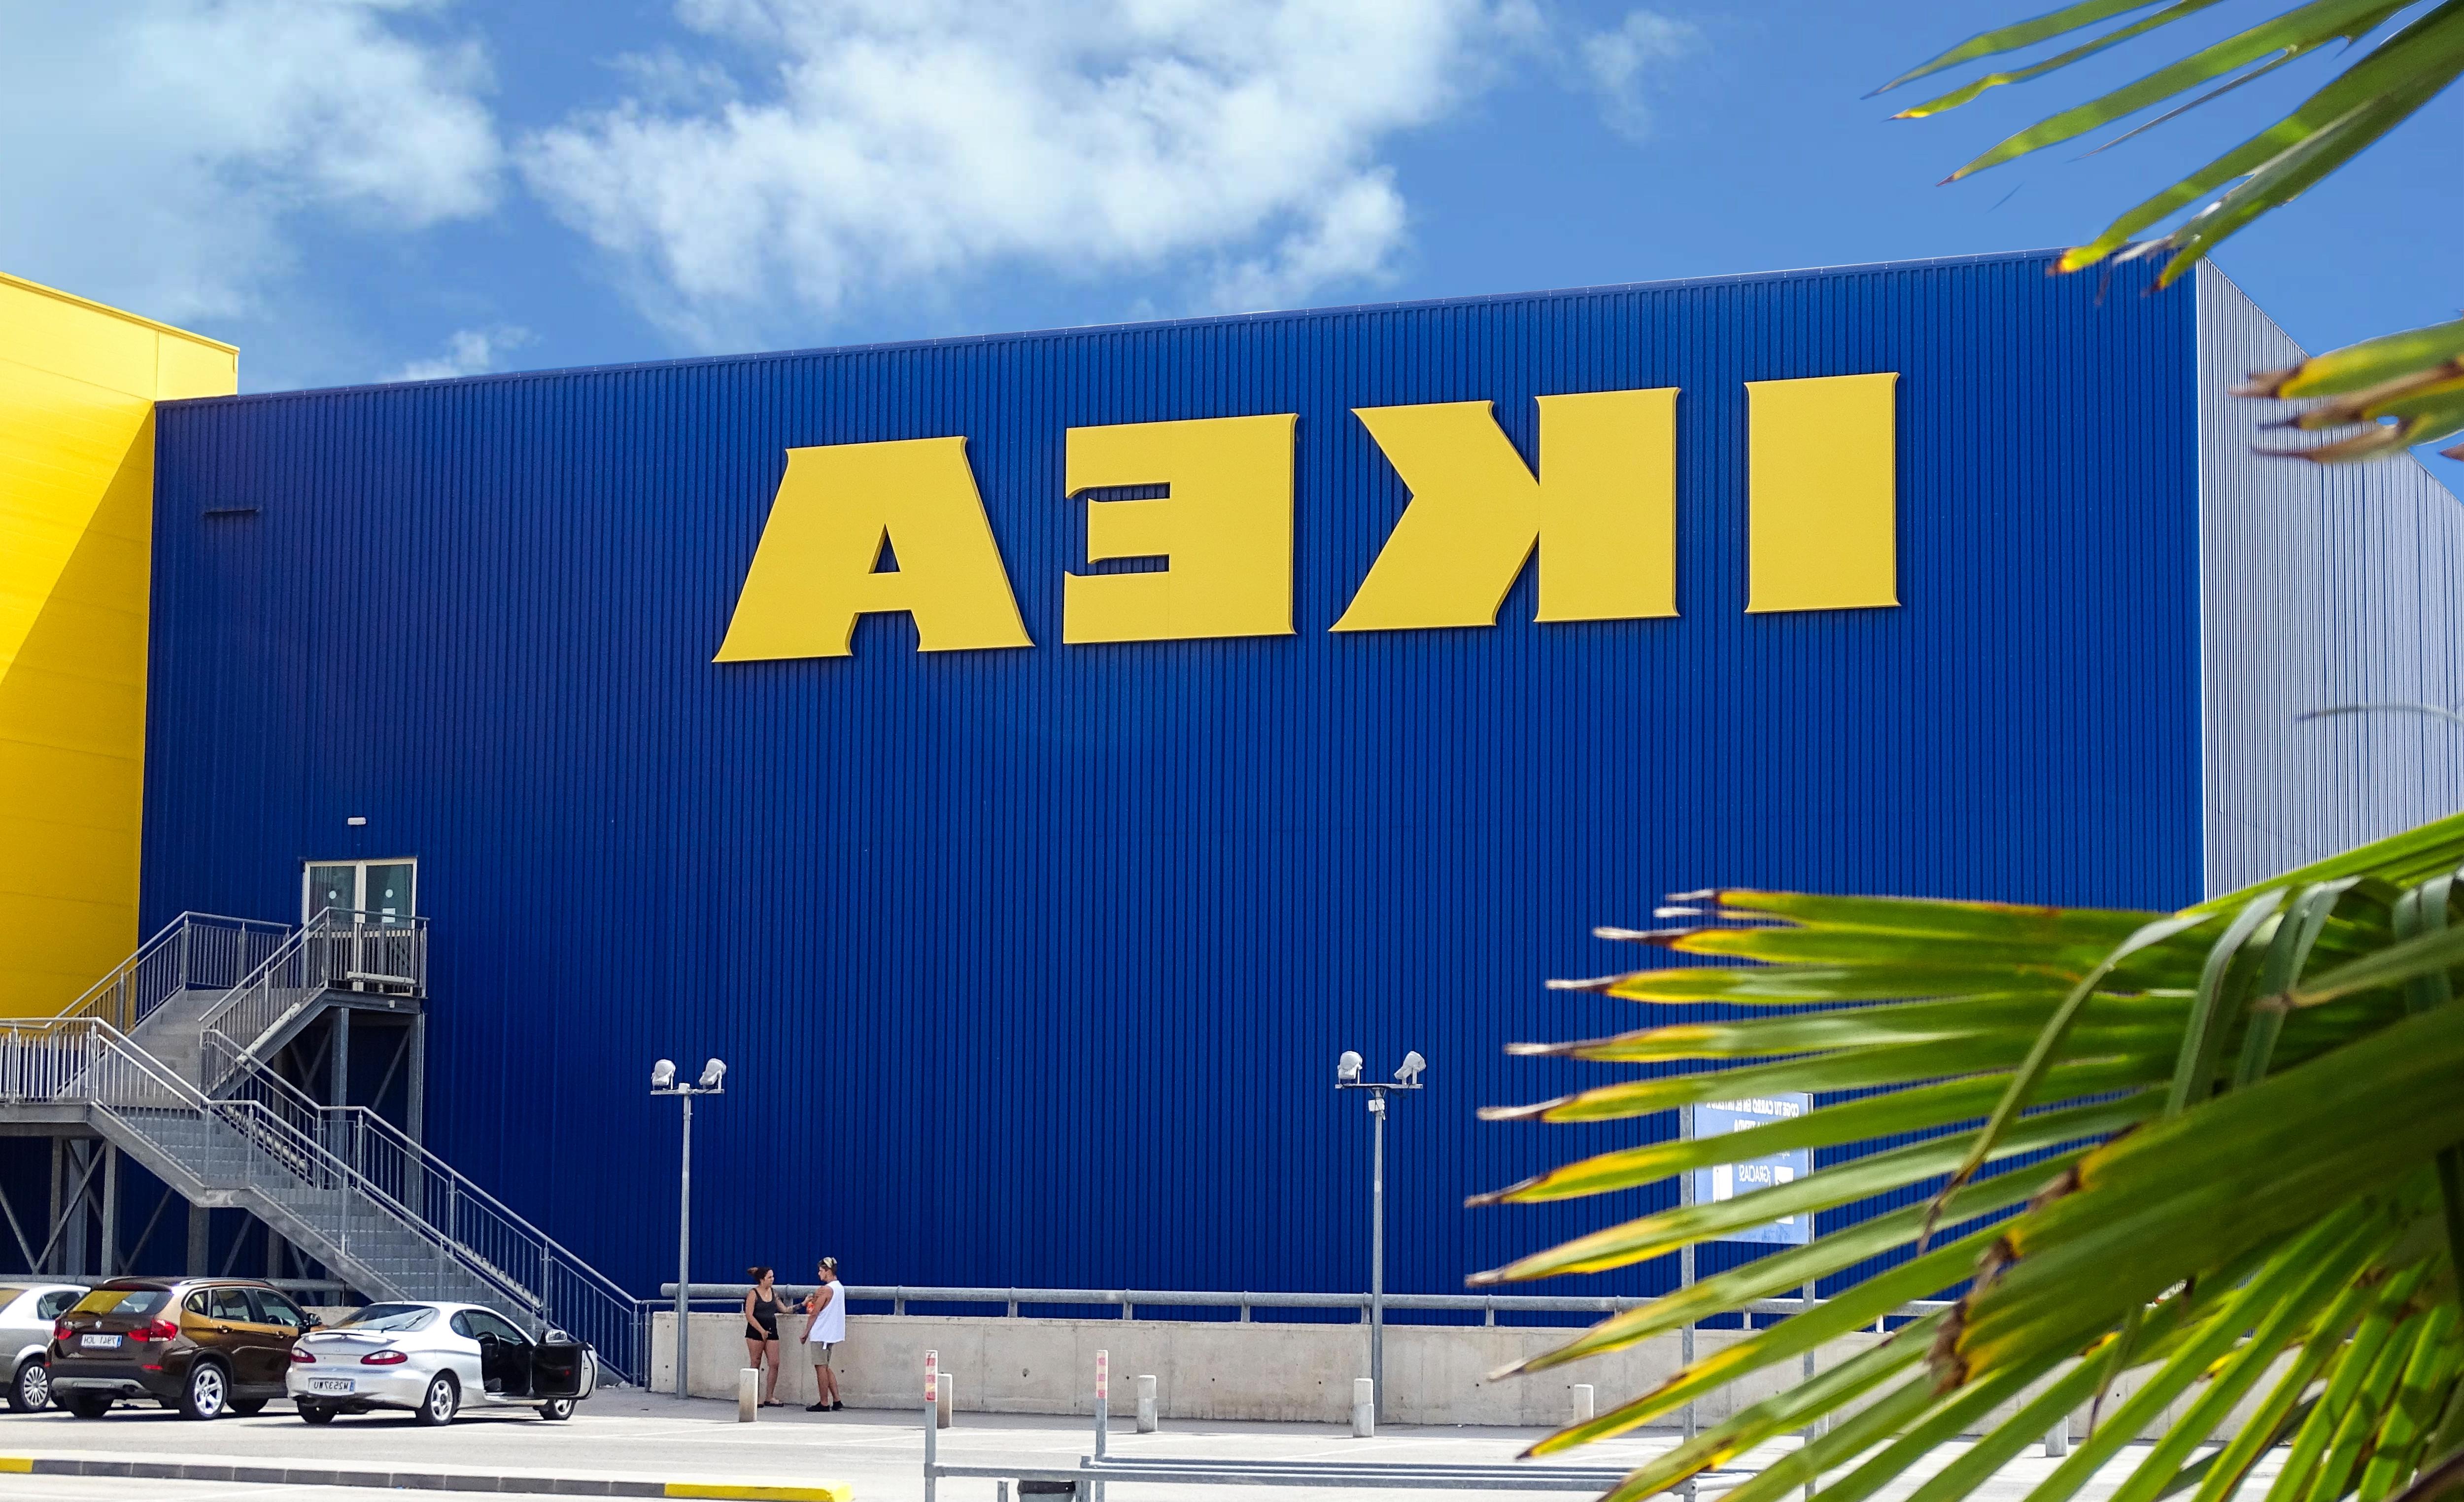 Horario Ikea Valencia E6d5 Ikea Murcia Informacià N Y Horarios De Apertura